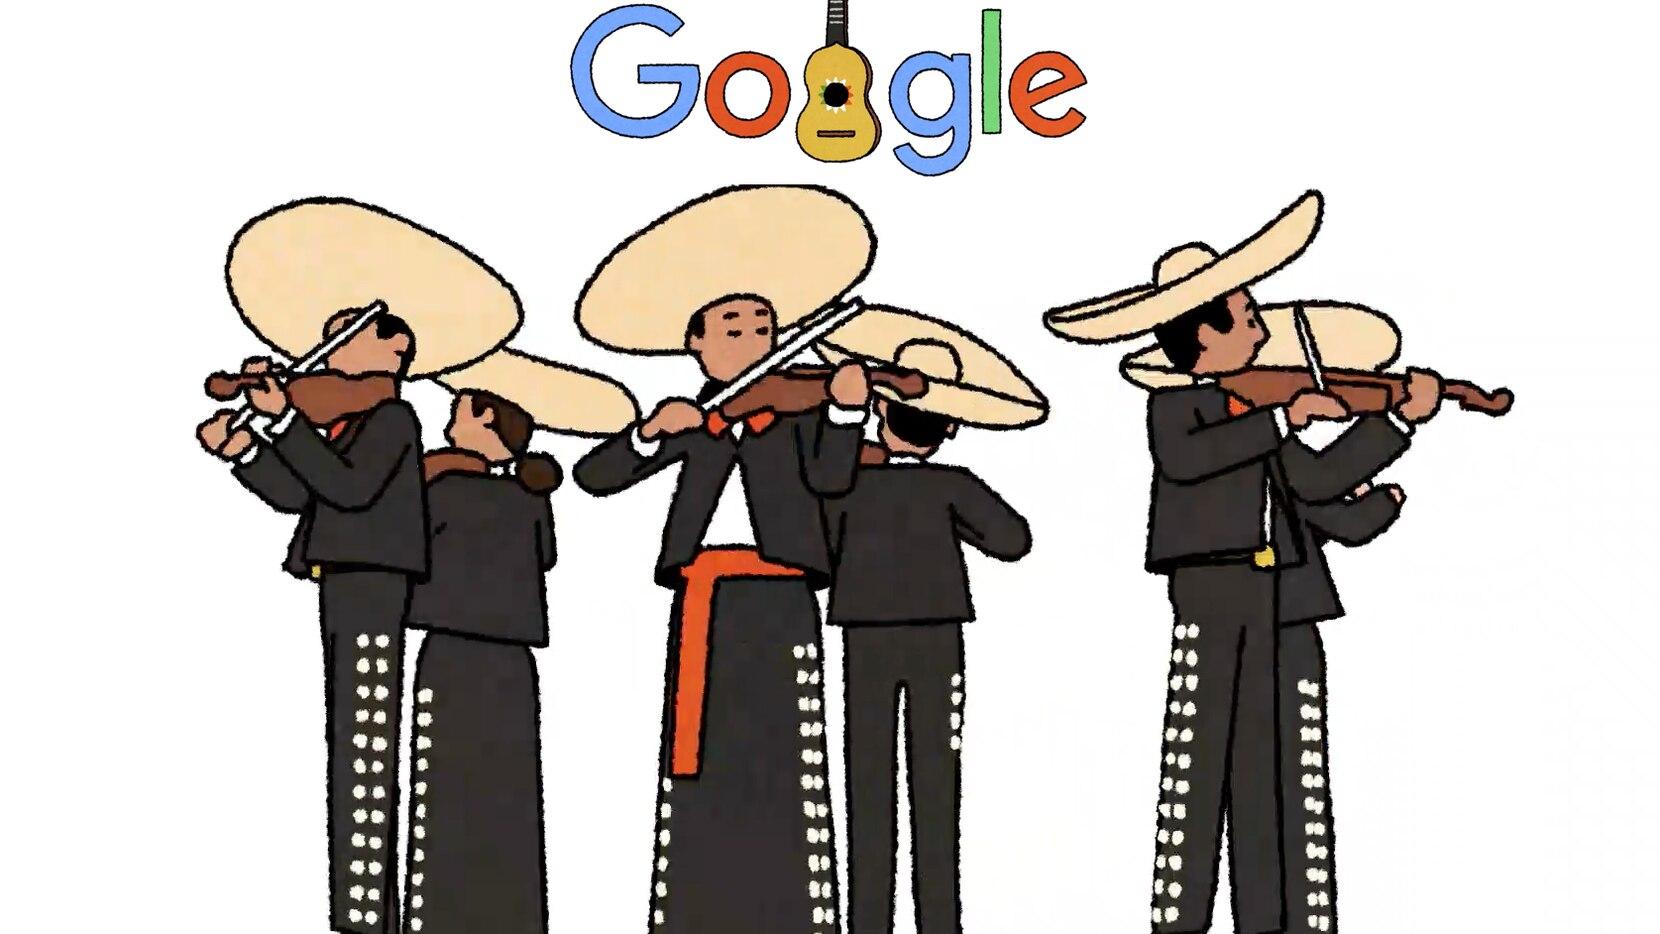 google-celebra-con-mariachi-al-son-de-cielito-lindo